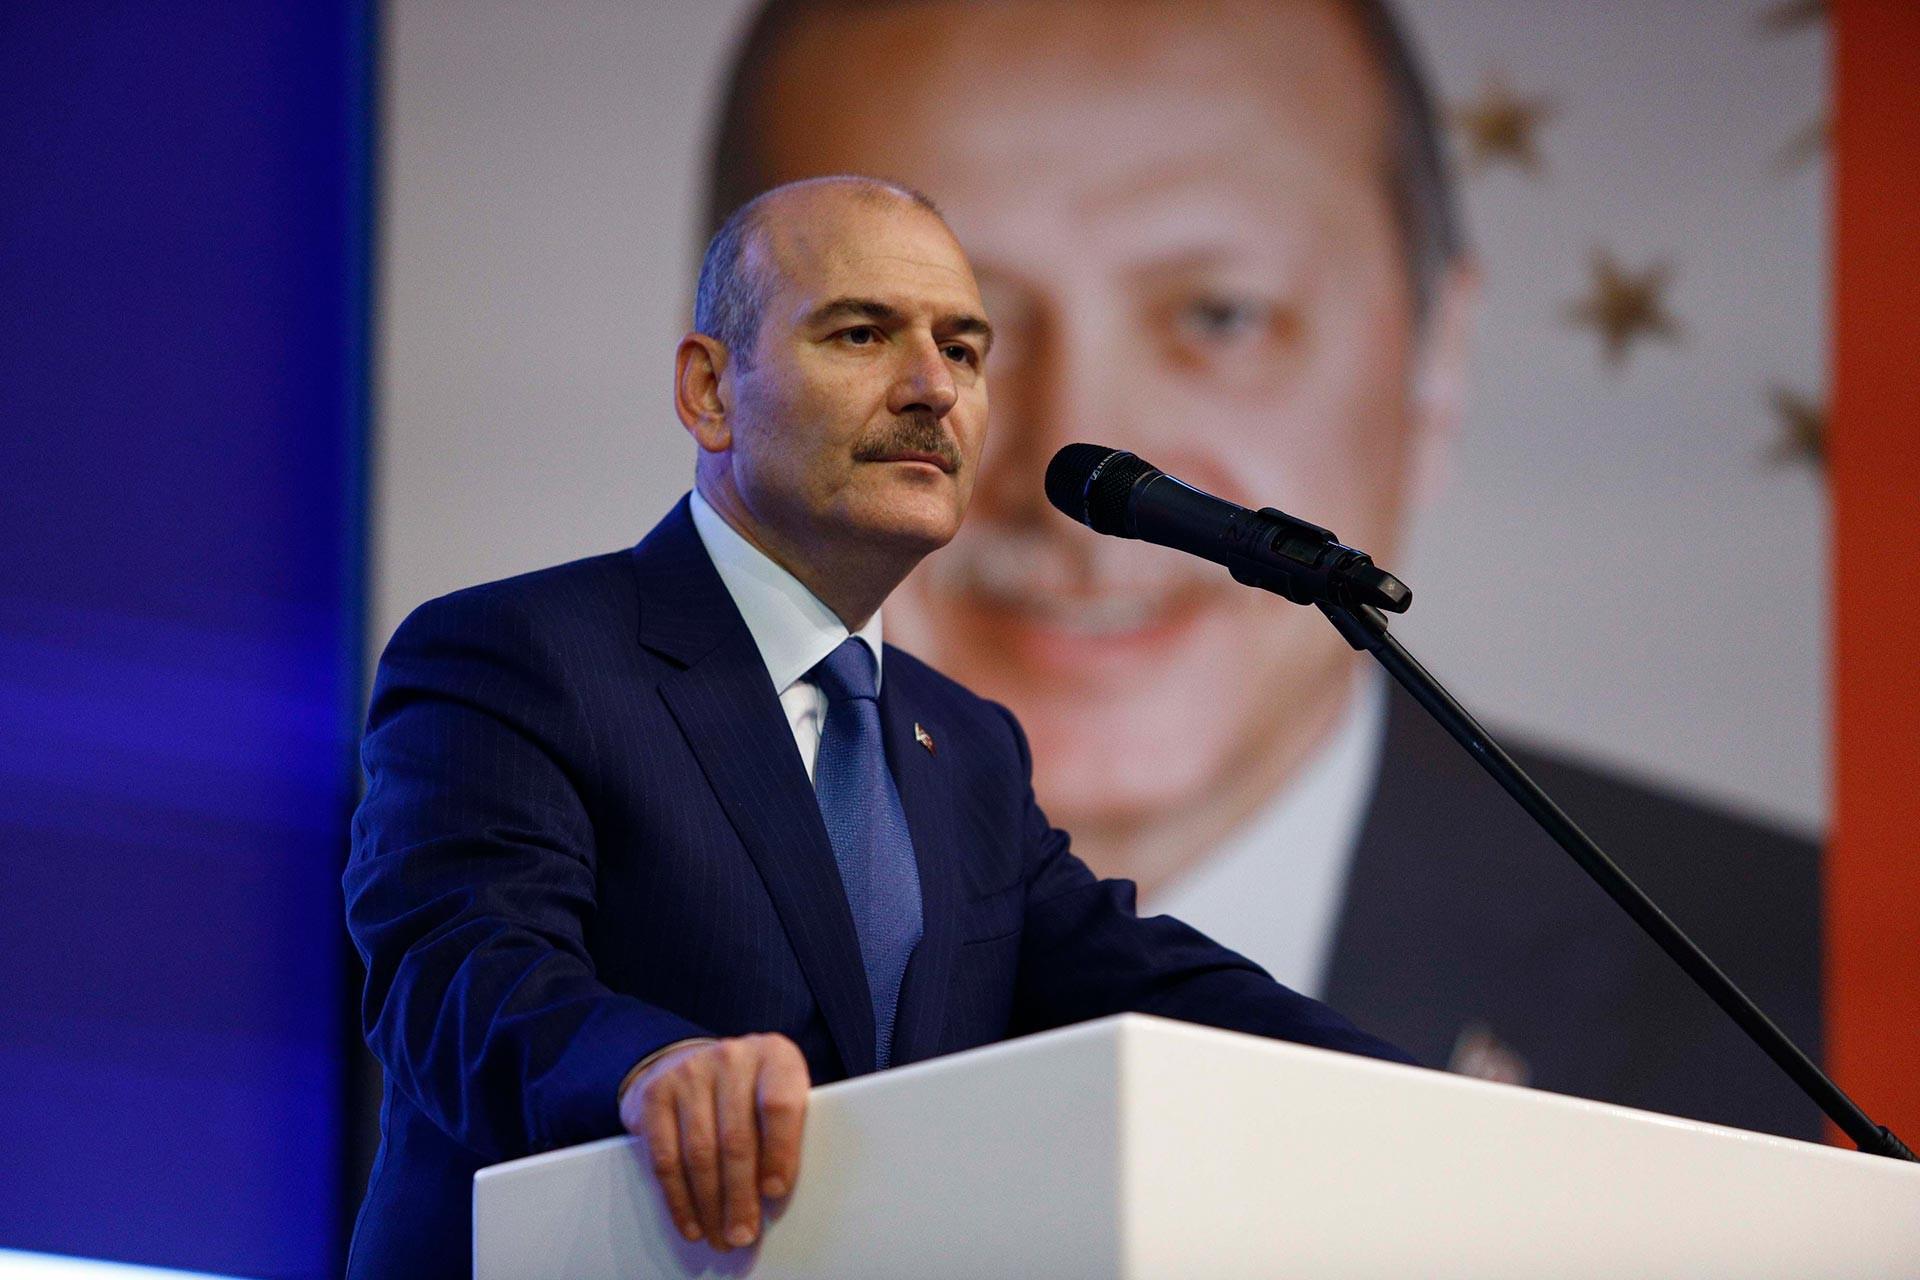 İçişleri Bakanı Süleyman Soylu: Emniyette 33 bin kişi KHK ile ihraç edildi